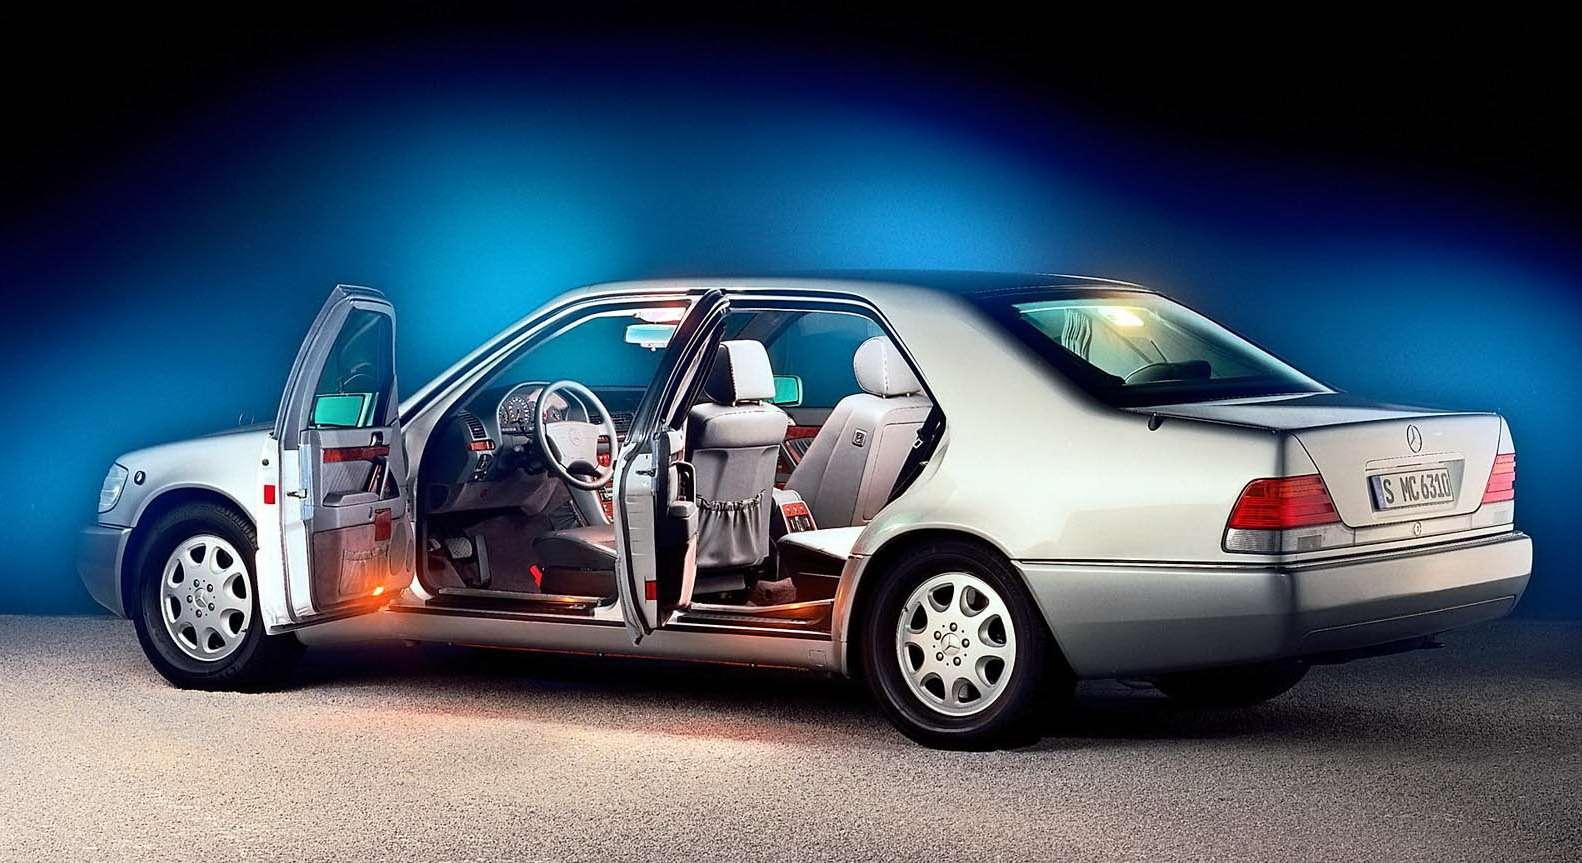 Премиальный автомобиль за200 тысяч рублей: респект изпрошлого— фото 611125